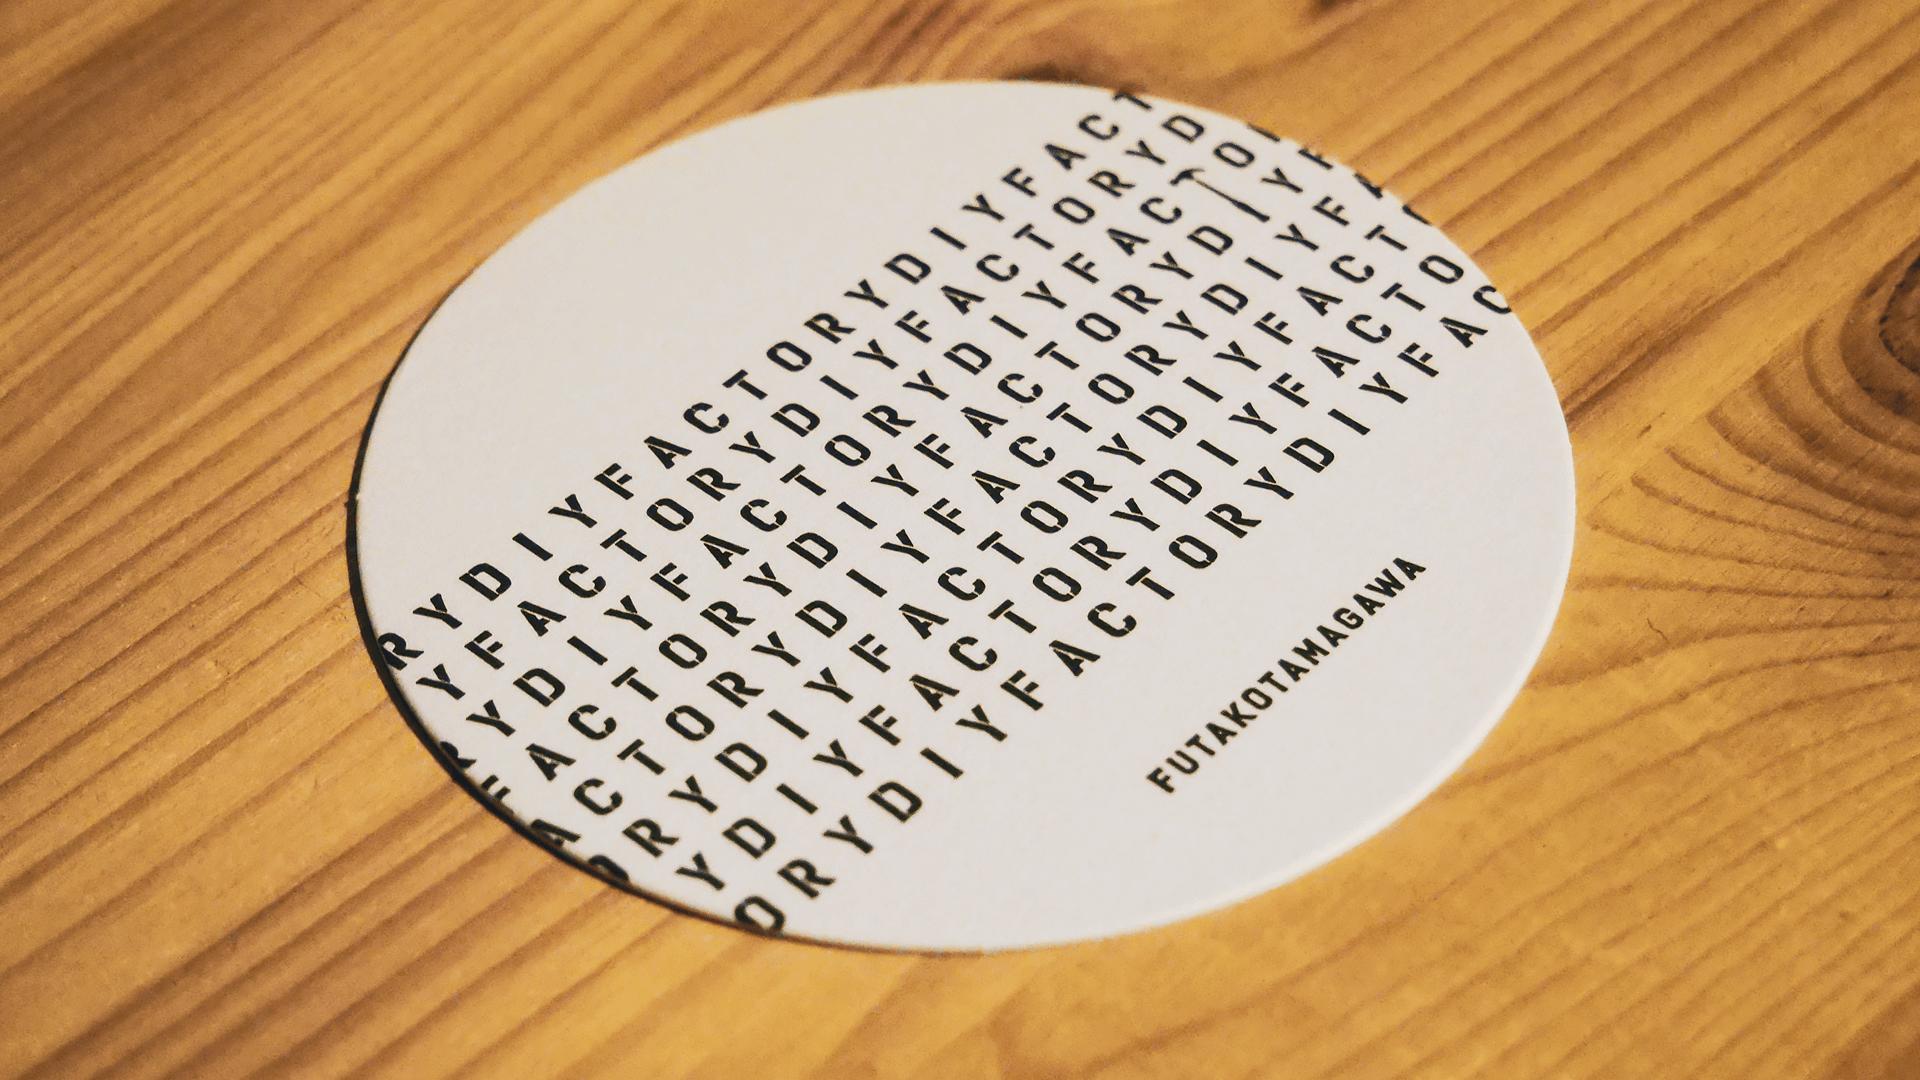 ステンシル文字を散りばめたコースター